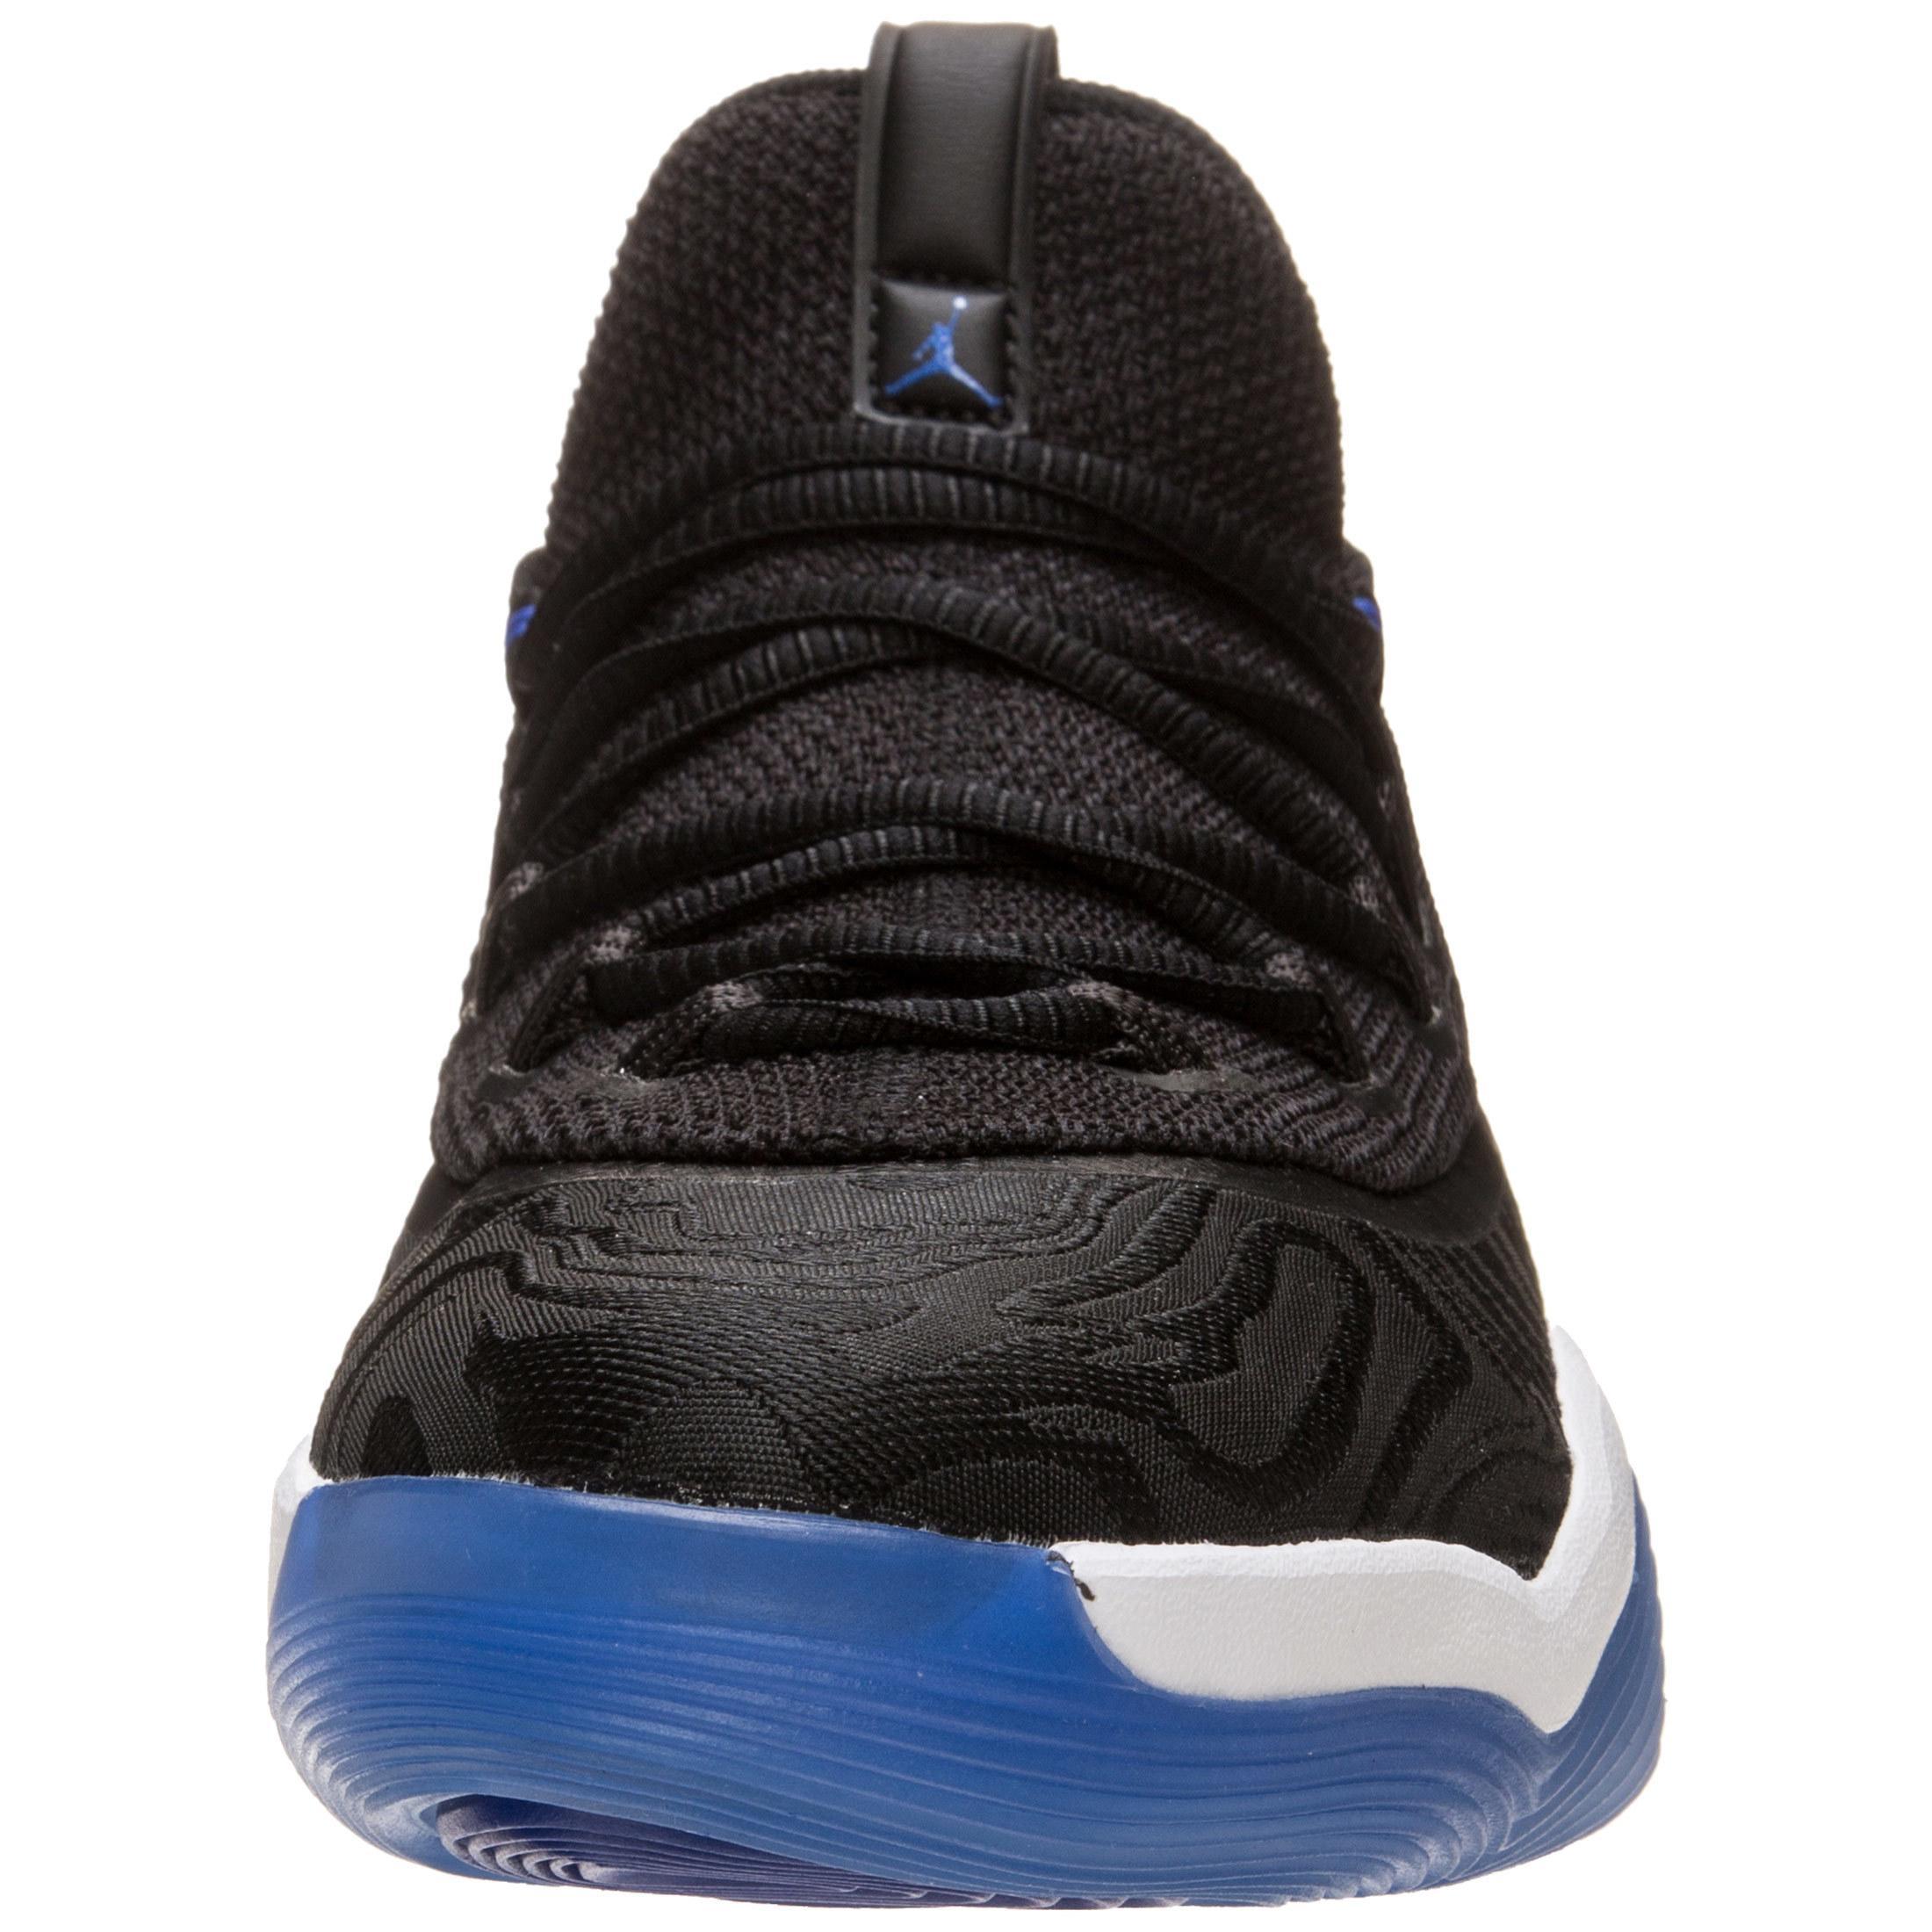 Nike Jordan Super.Fly 2017 2017 2017 Low Basketballschuhe Herren schwarz / blau im Online Shop von SportScheck kaufen Gute Qualität beliebte Schuhe 6588bc